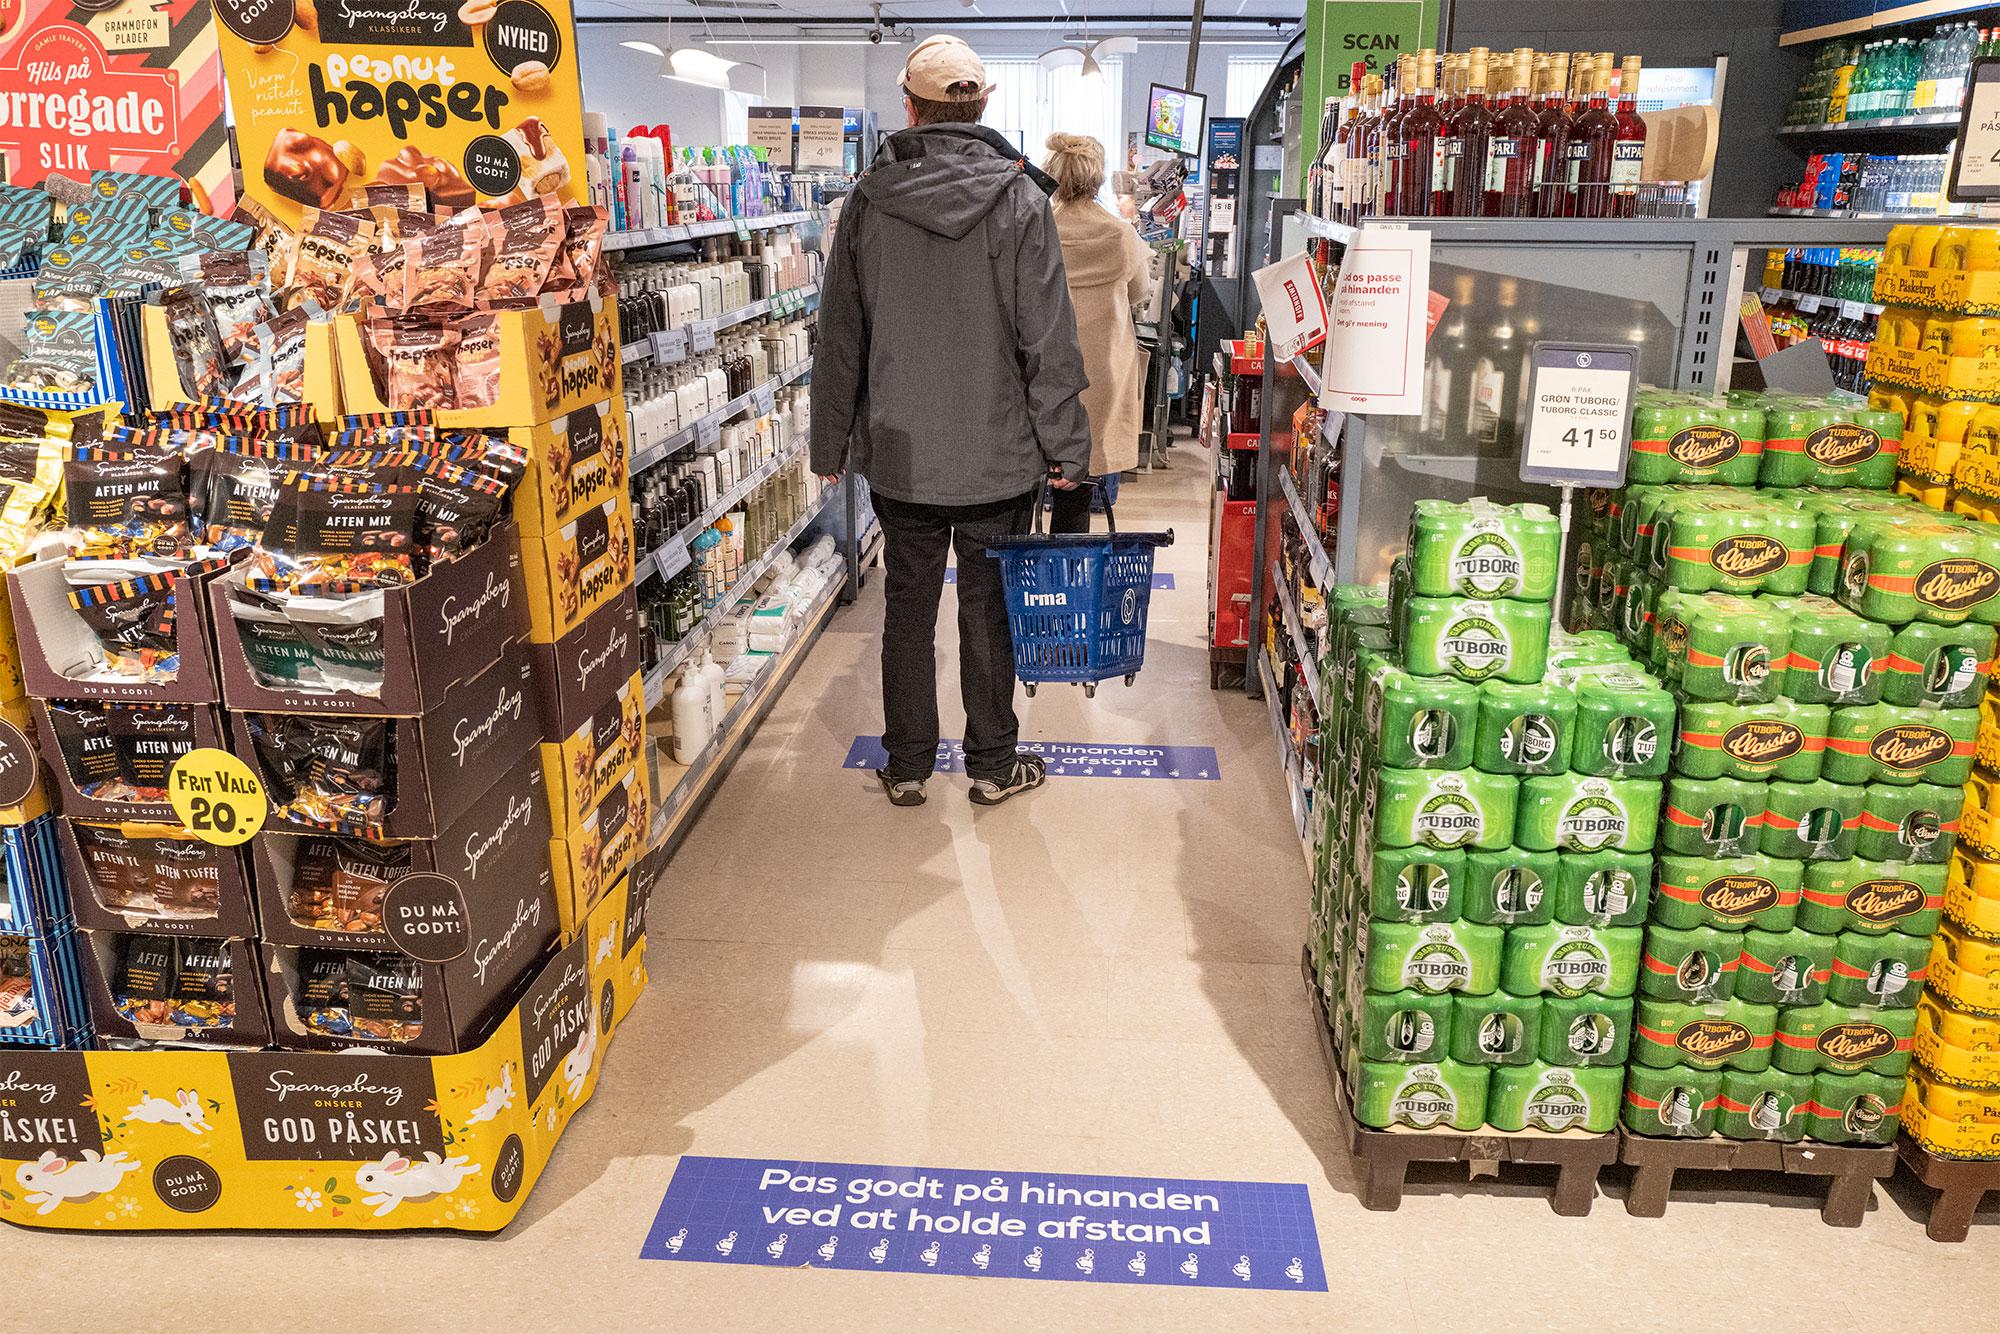 Dragørs supermarkeder har rigeligt med varer, og man har taget myndighedernes opfordringer til sig. Der sørges for information og luft mellem kunderne– som her i Irma på Neels Torv. Foto: TorbenStender.